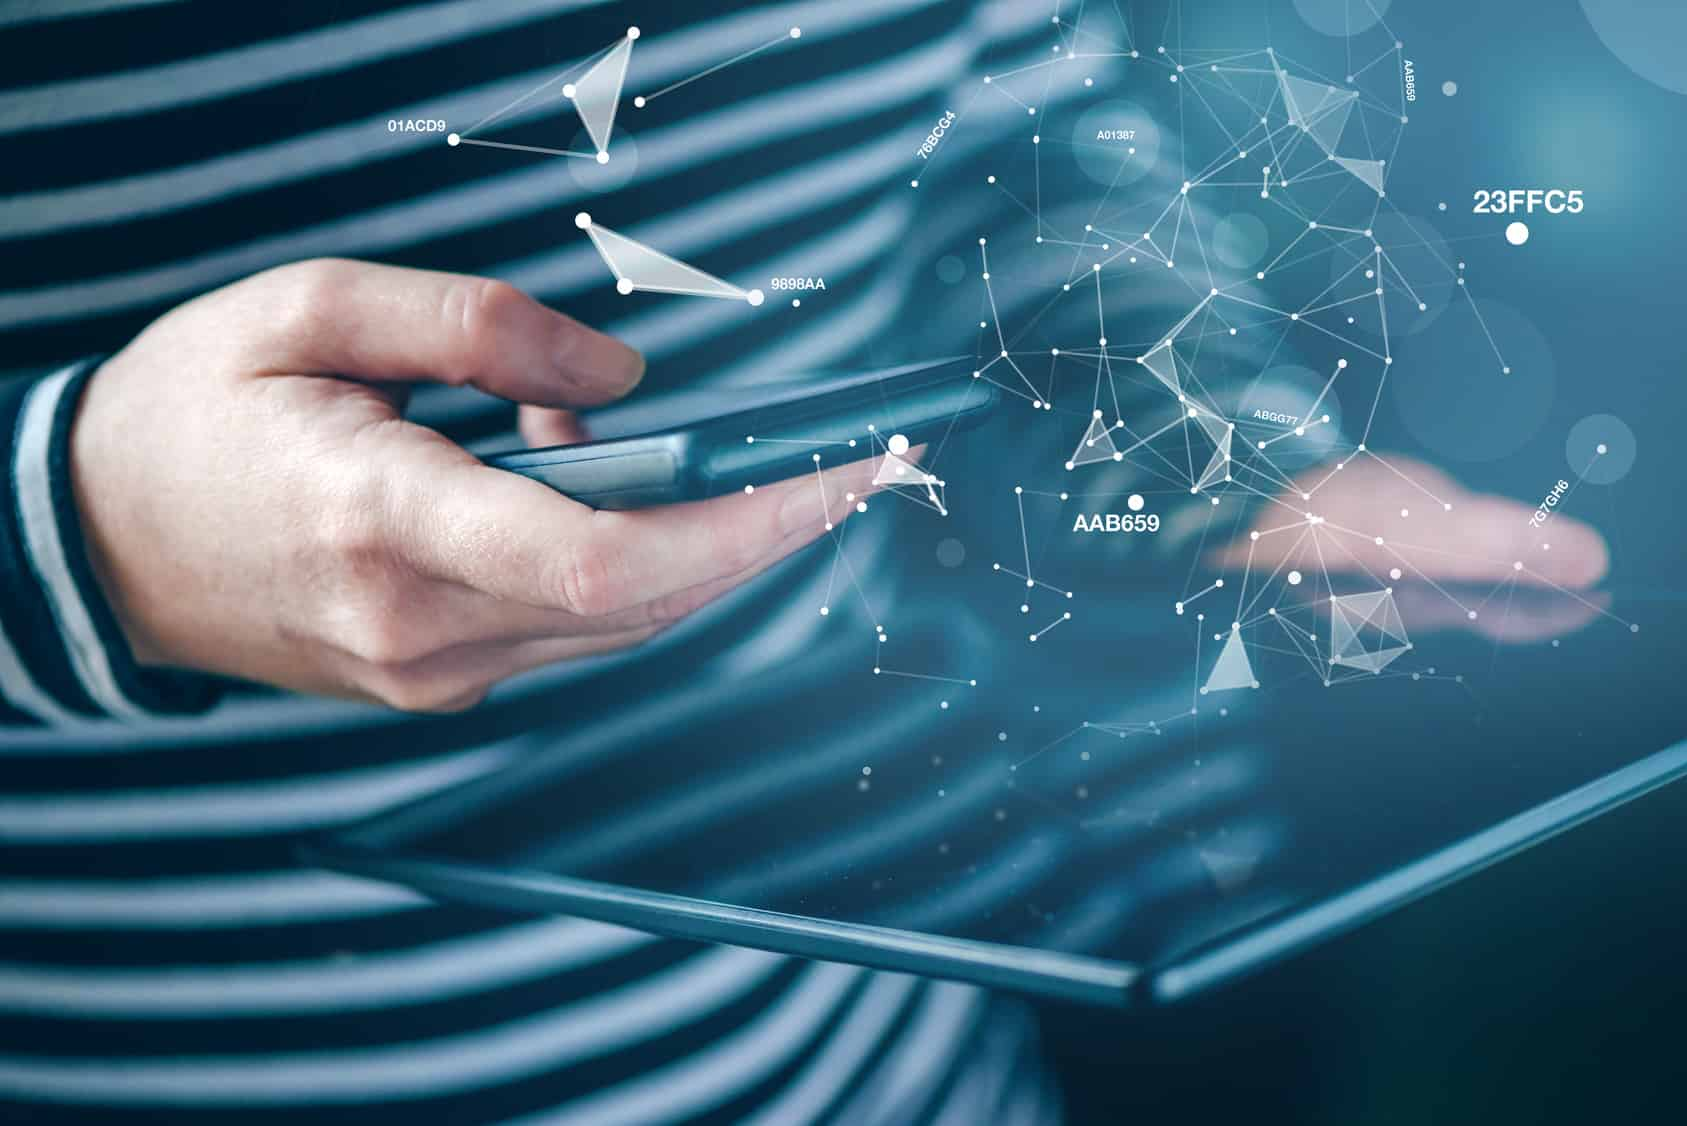 Diputados aprobaron reformas para obligar a las compañías de telefonía móvil permitir a sus usuarios elegir libremente el tope de consumo de voz y datos.